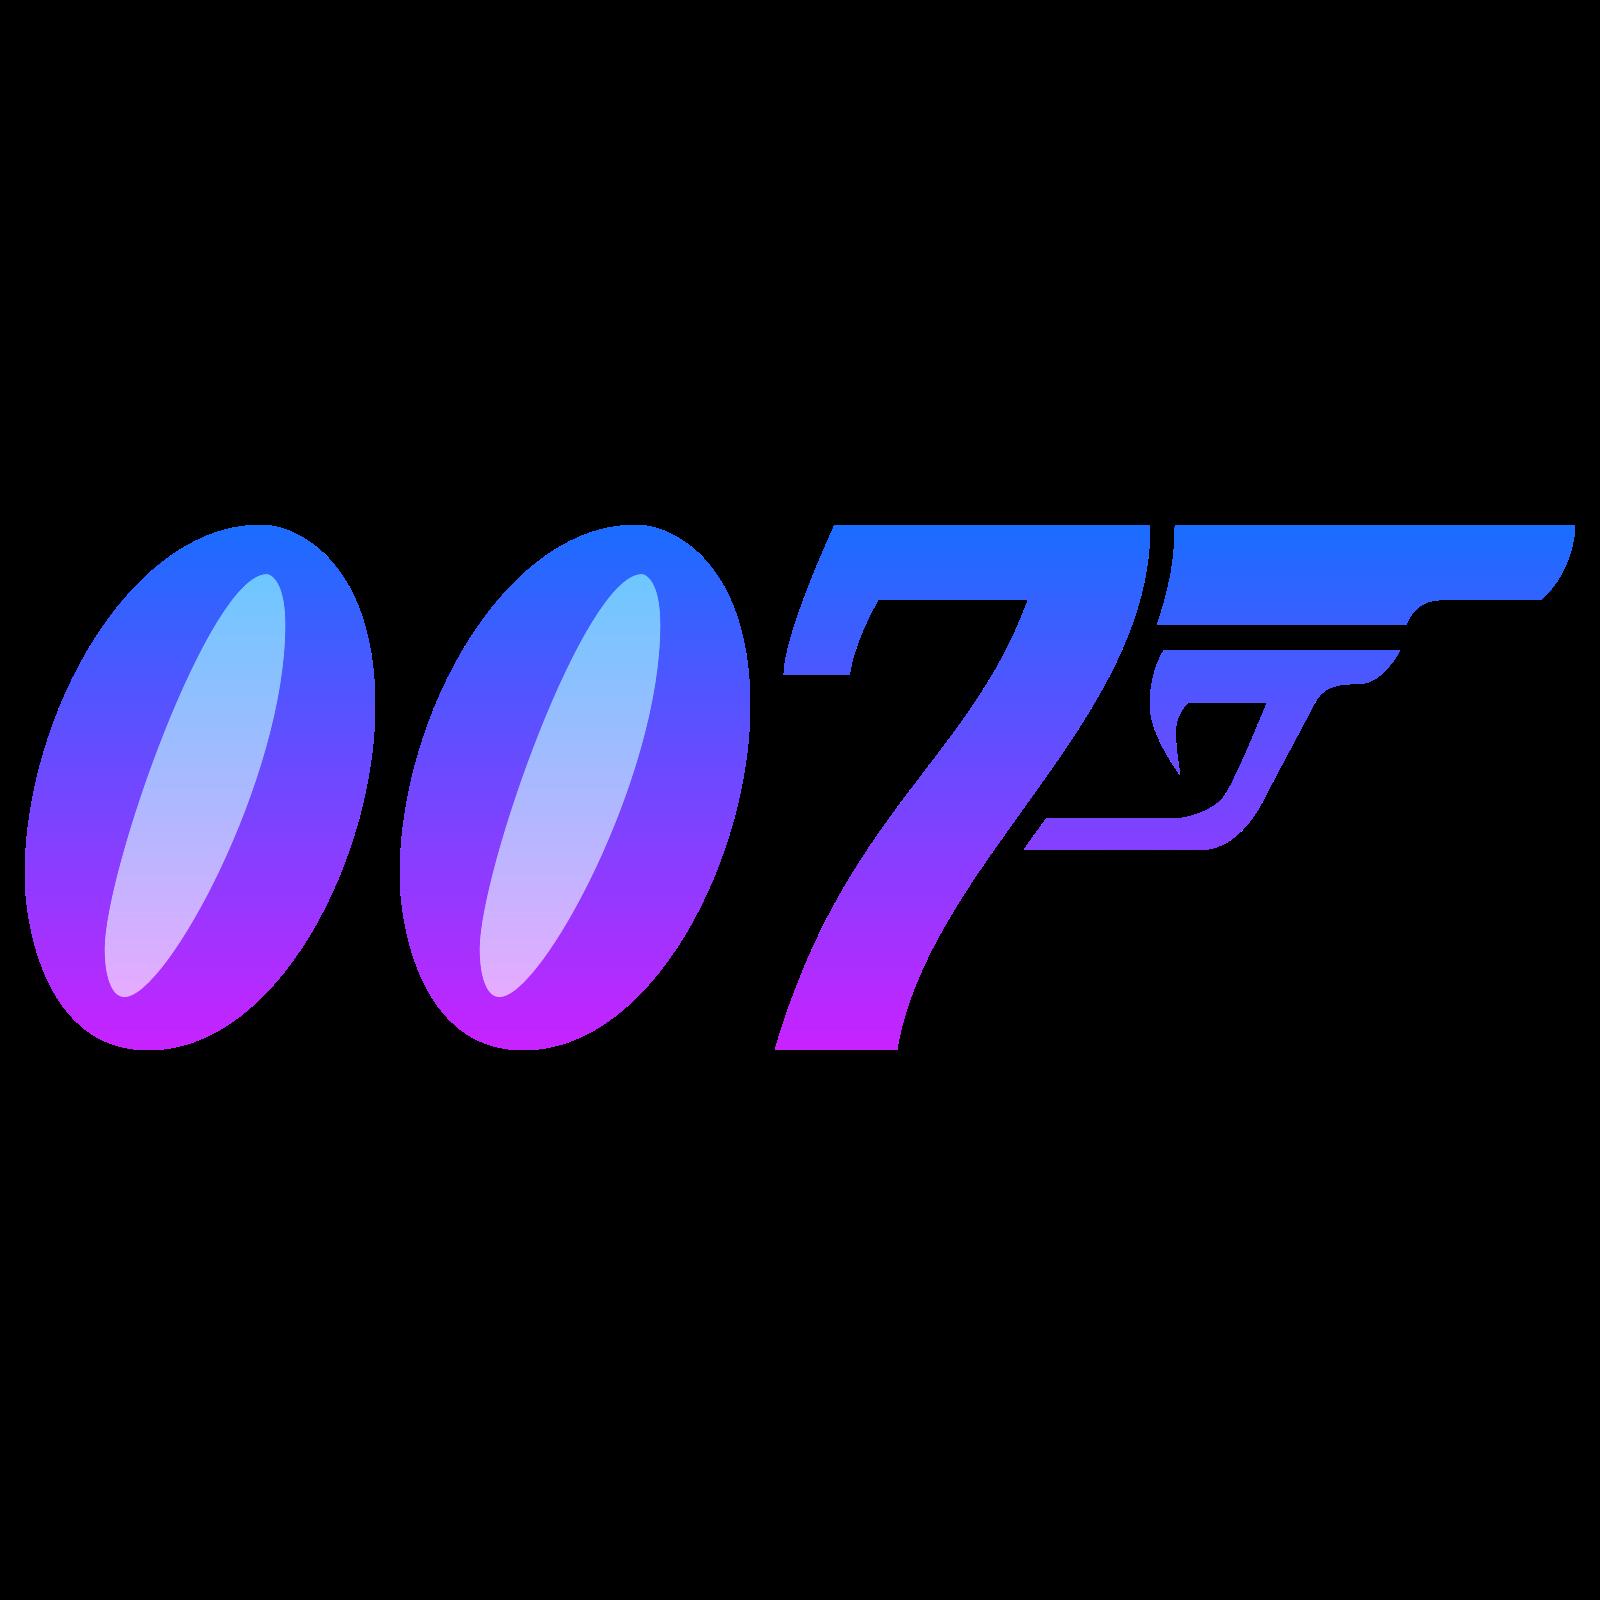 007徽标 icon. There is the letters 0 0 7 all written in an specialized italic font. Coming off the upper right tip of the 7 in the letters 0 0 7 is the upper part of a pistol. The barrel and trigger are both visible but not the clip as the clip area combines to make the 7.